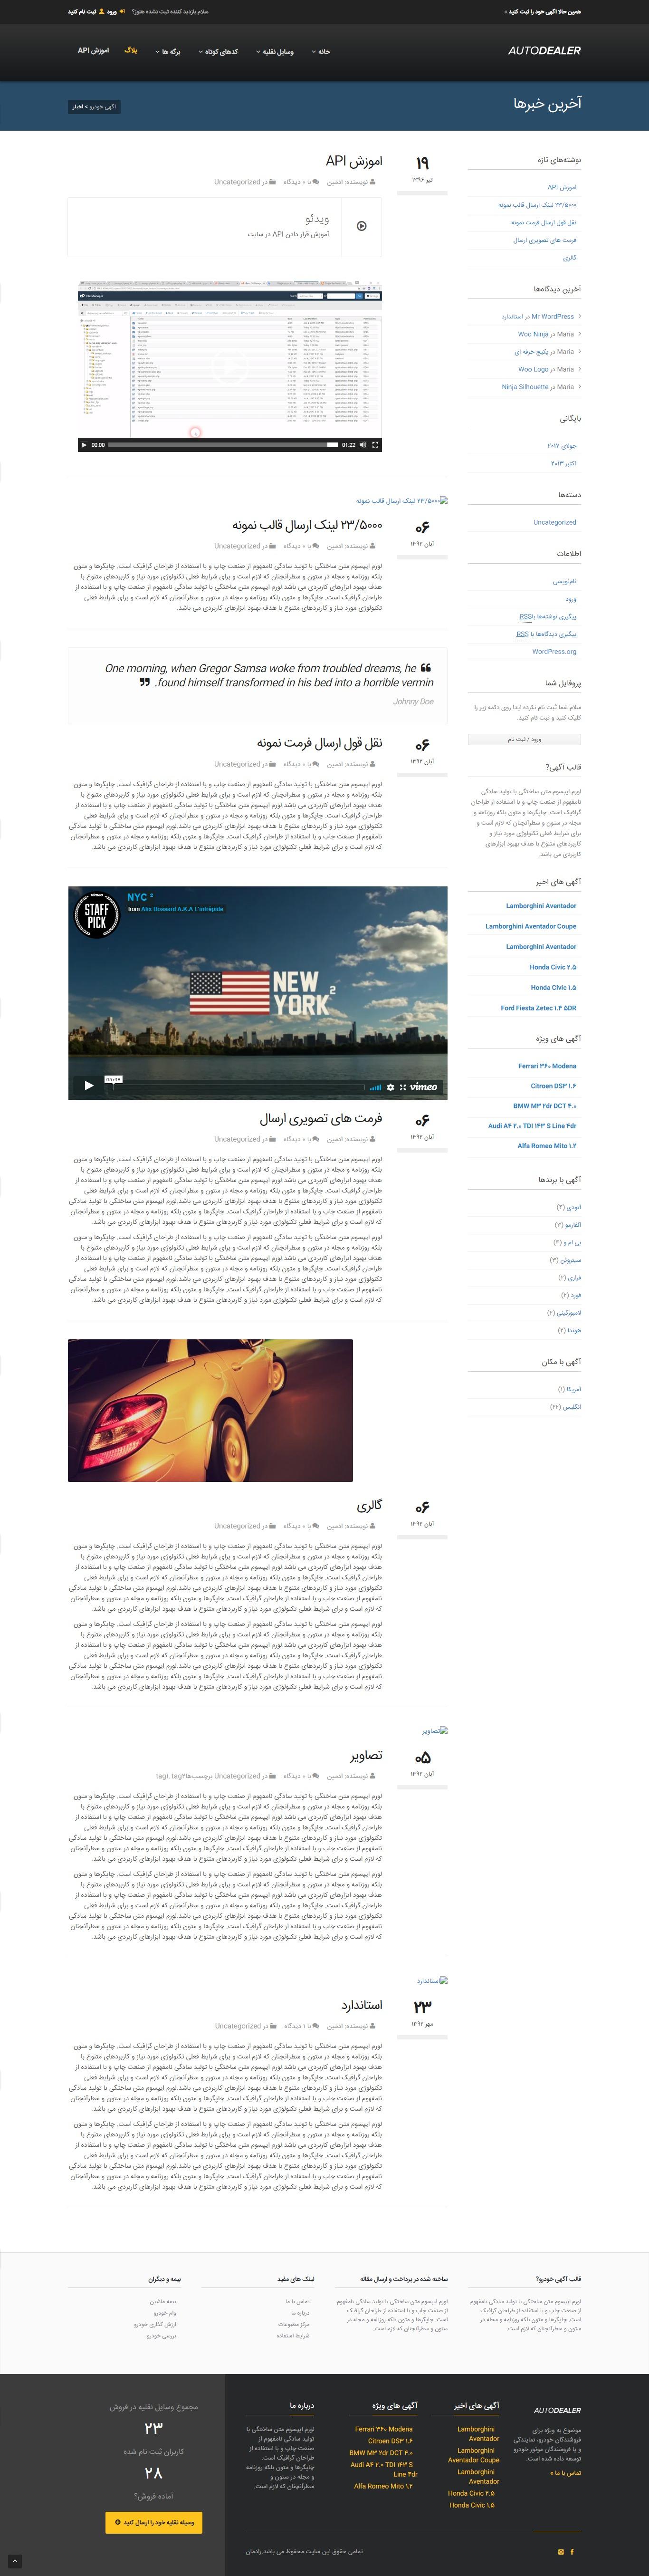 3 از 4  قالب آتودیلر | Auto Dealer